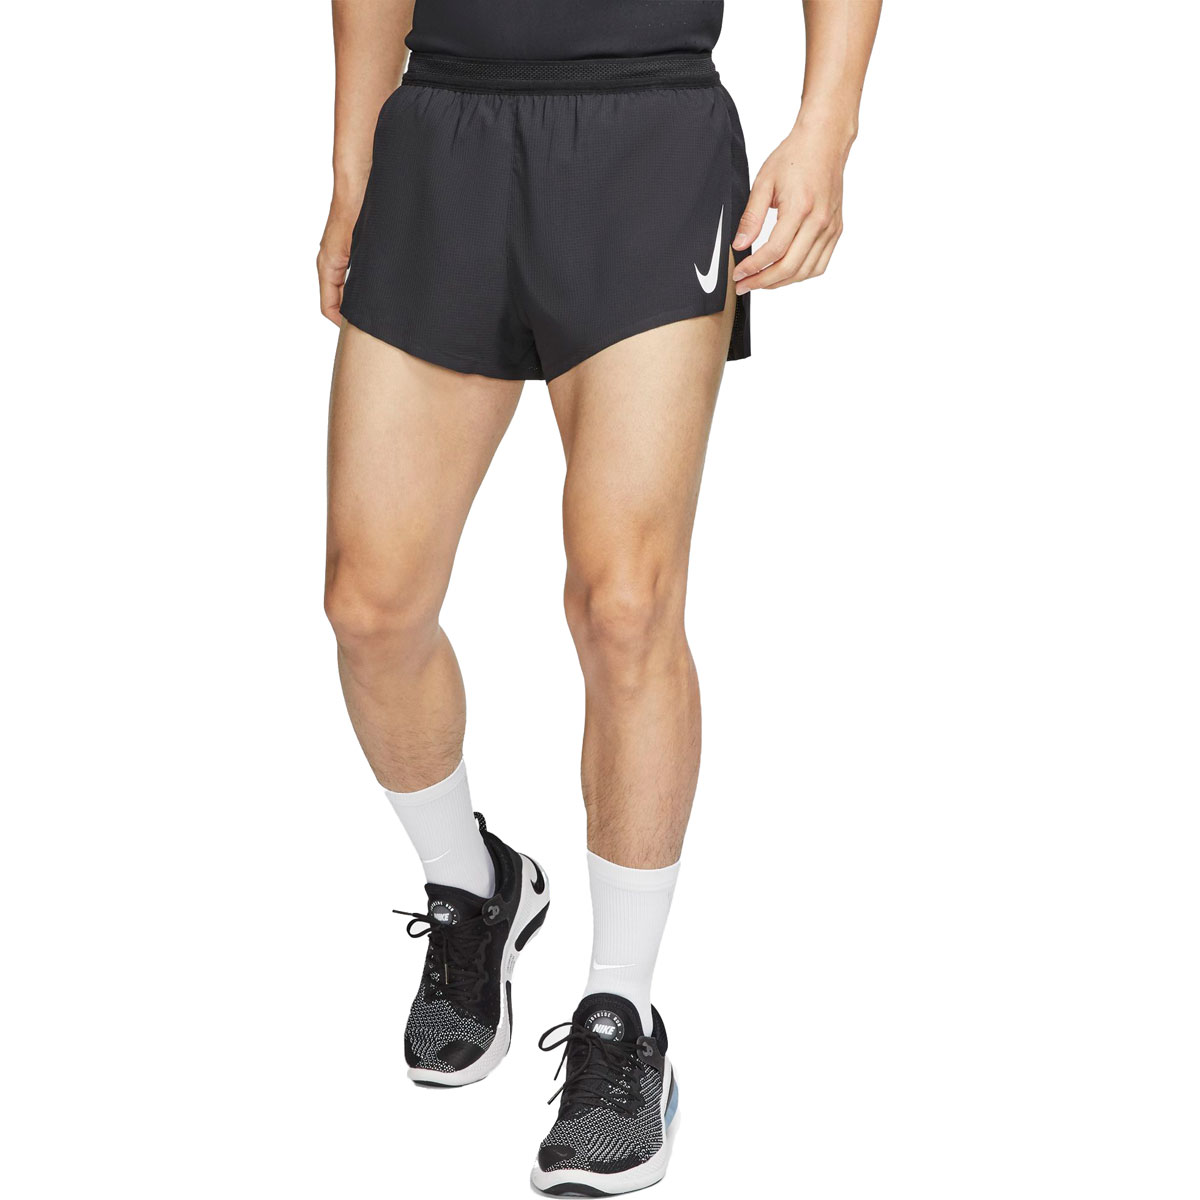 """Men's Nike AeroSwift 2"""" Running Shorts - Color: Black/White - Size: S, Black/White, large, image 1"""